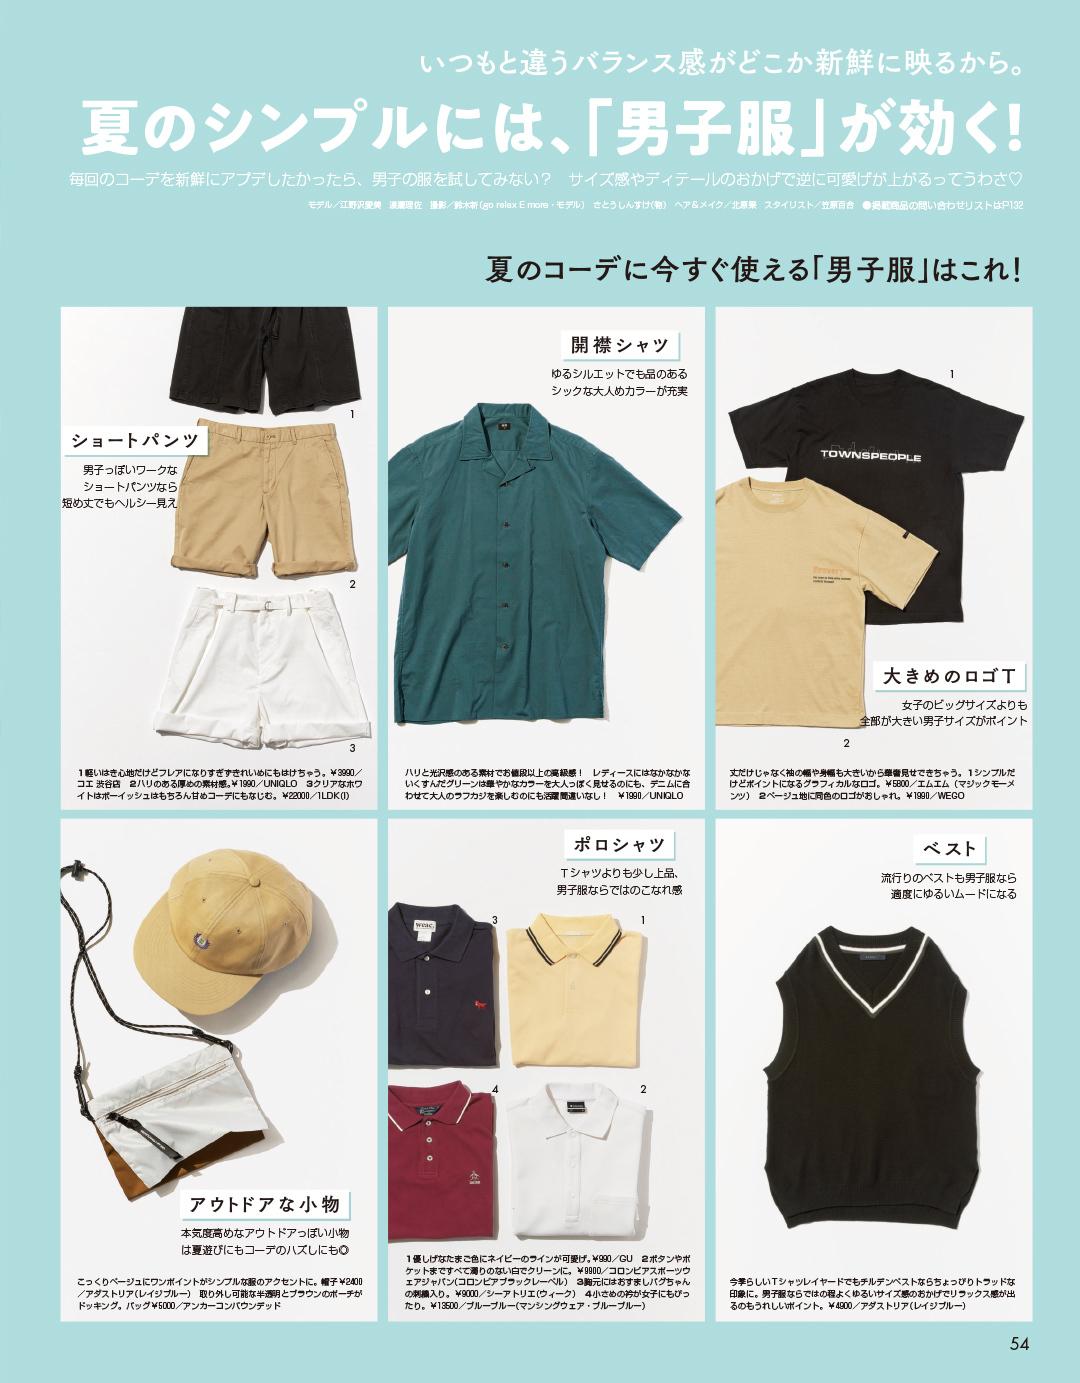 夏のシンプルには、「男子服」が効く!